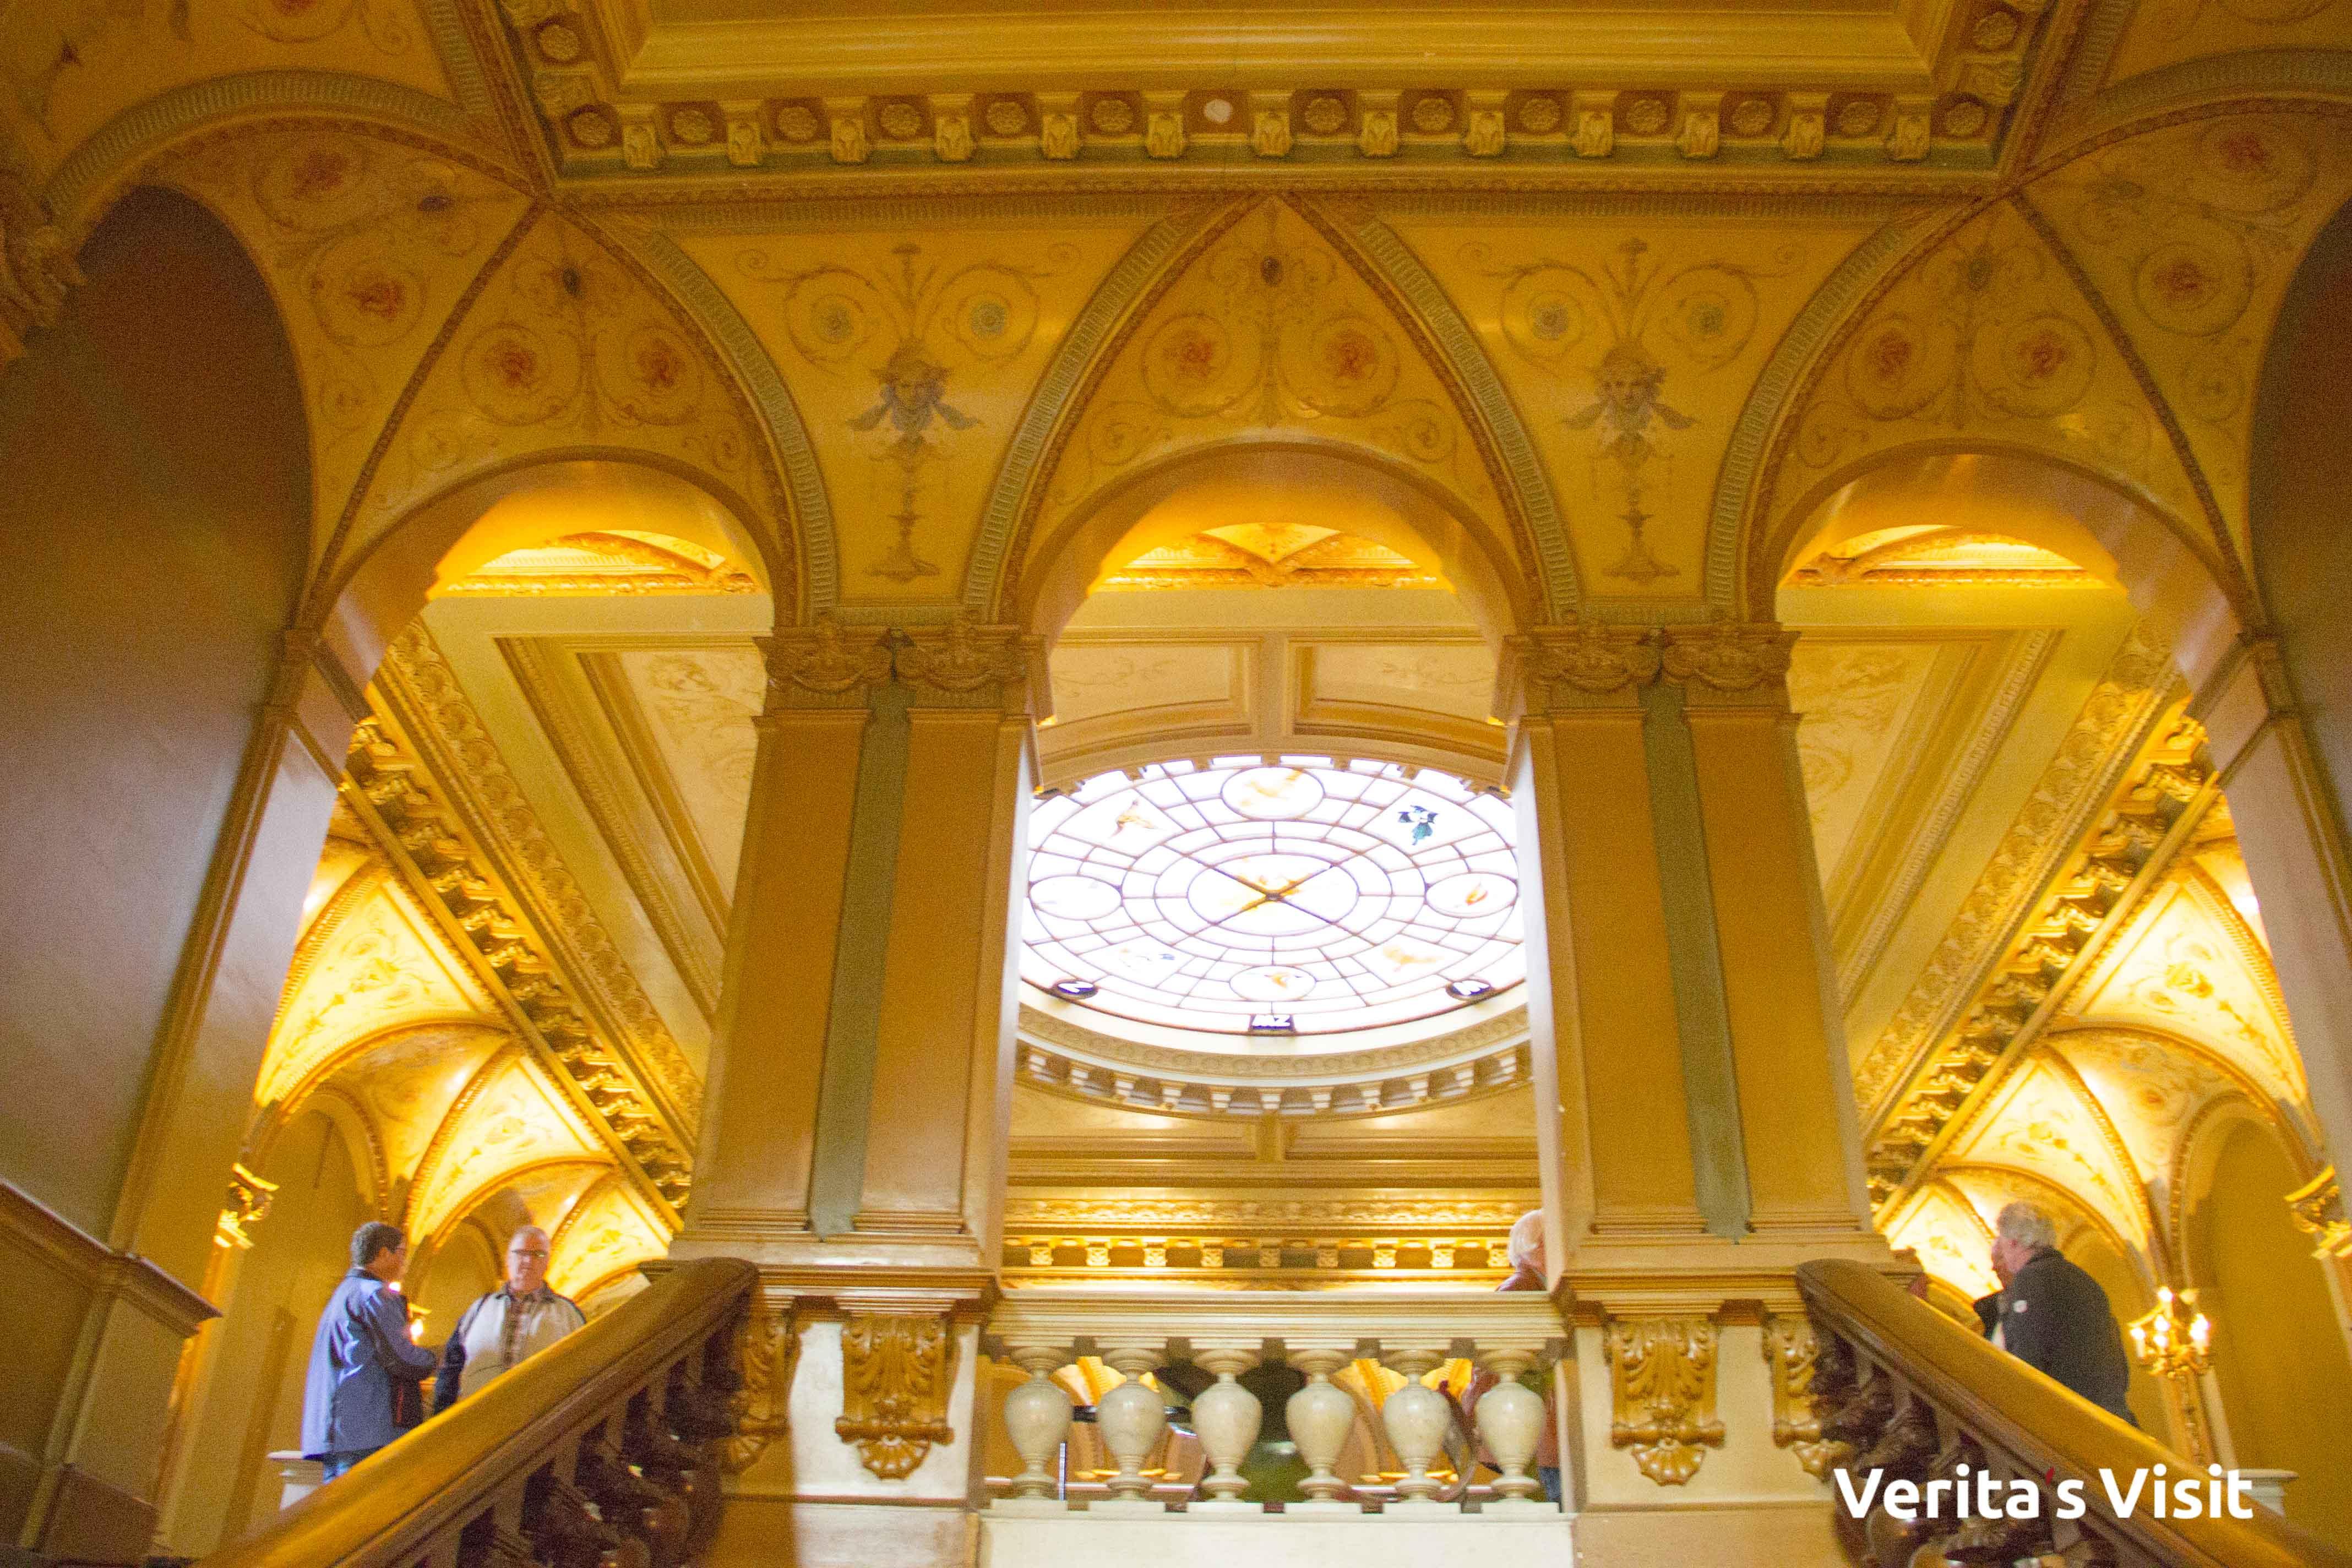 excursion castle hague Verita's Visit excursie tour Den Haag